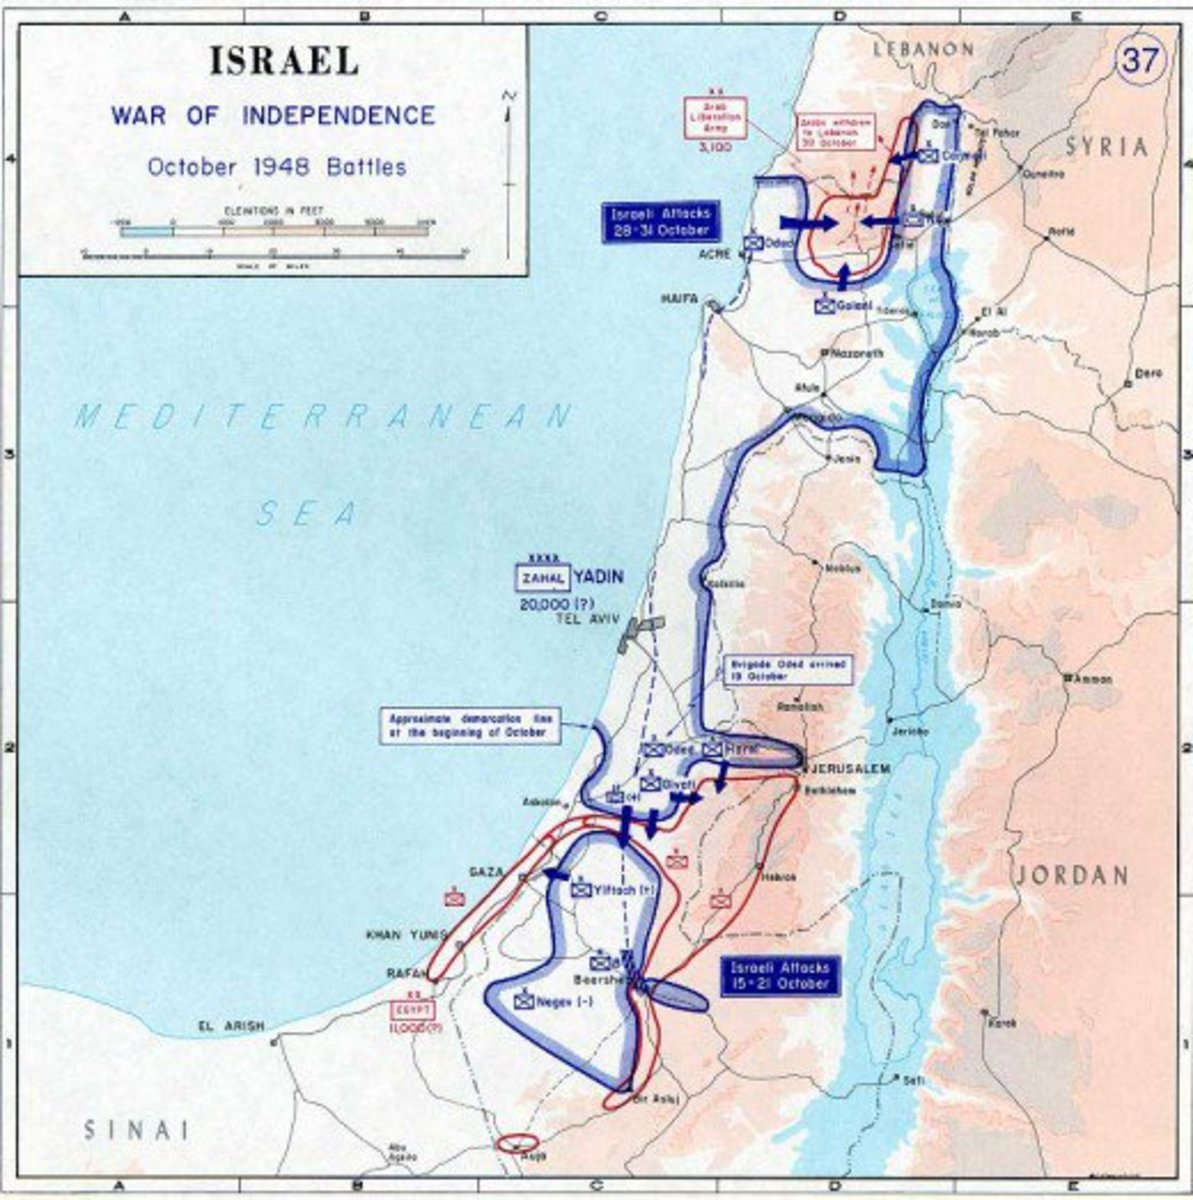 October 1848 Battles